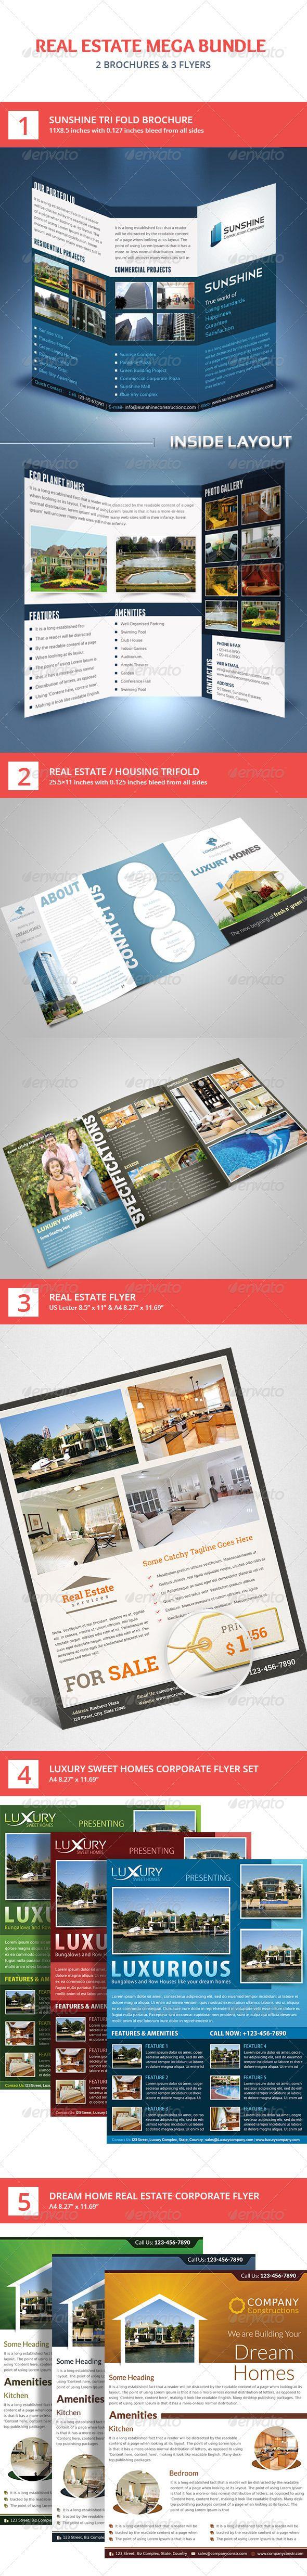 House for sale real estate flyer amp ad template word amp publisher - Real Estate Flyer Brochure Mega Bundle